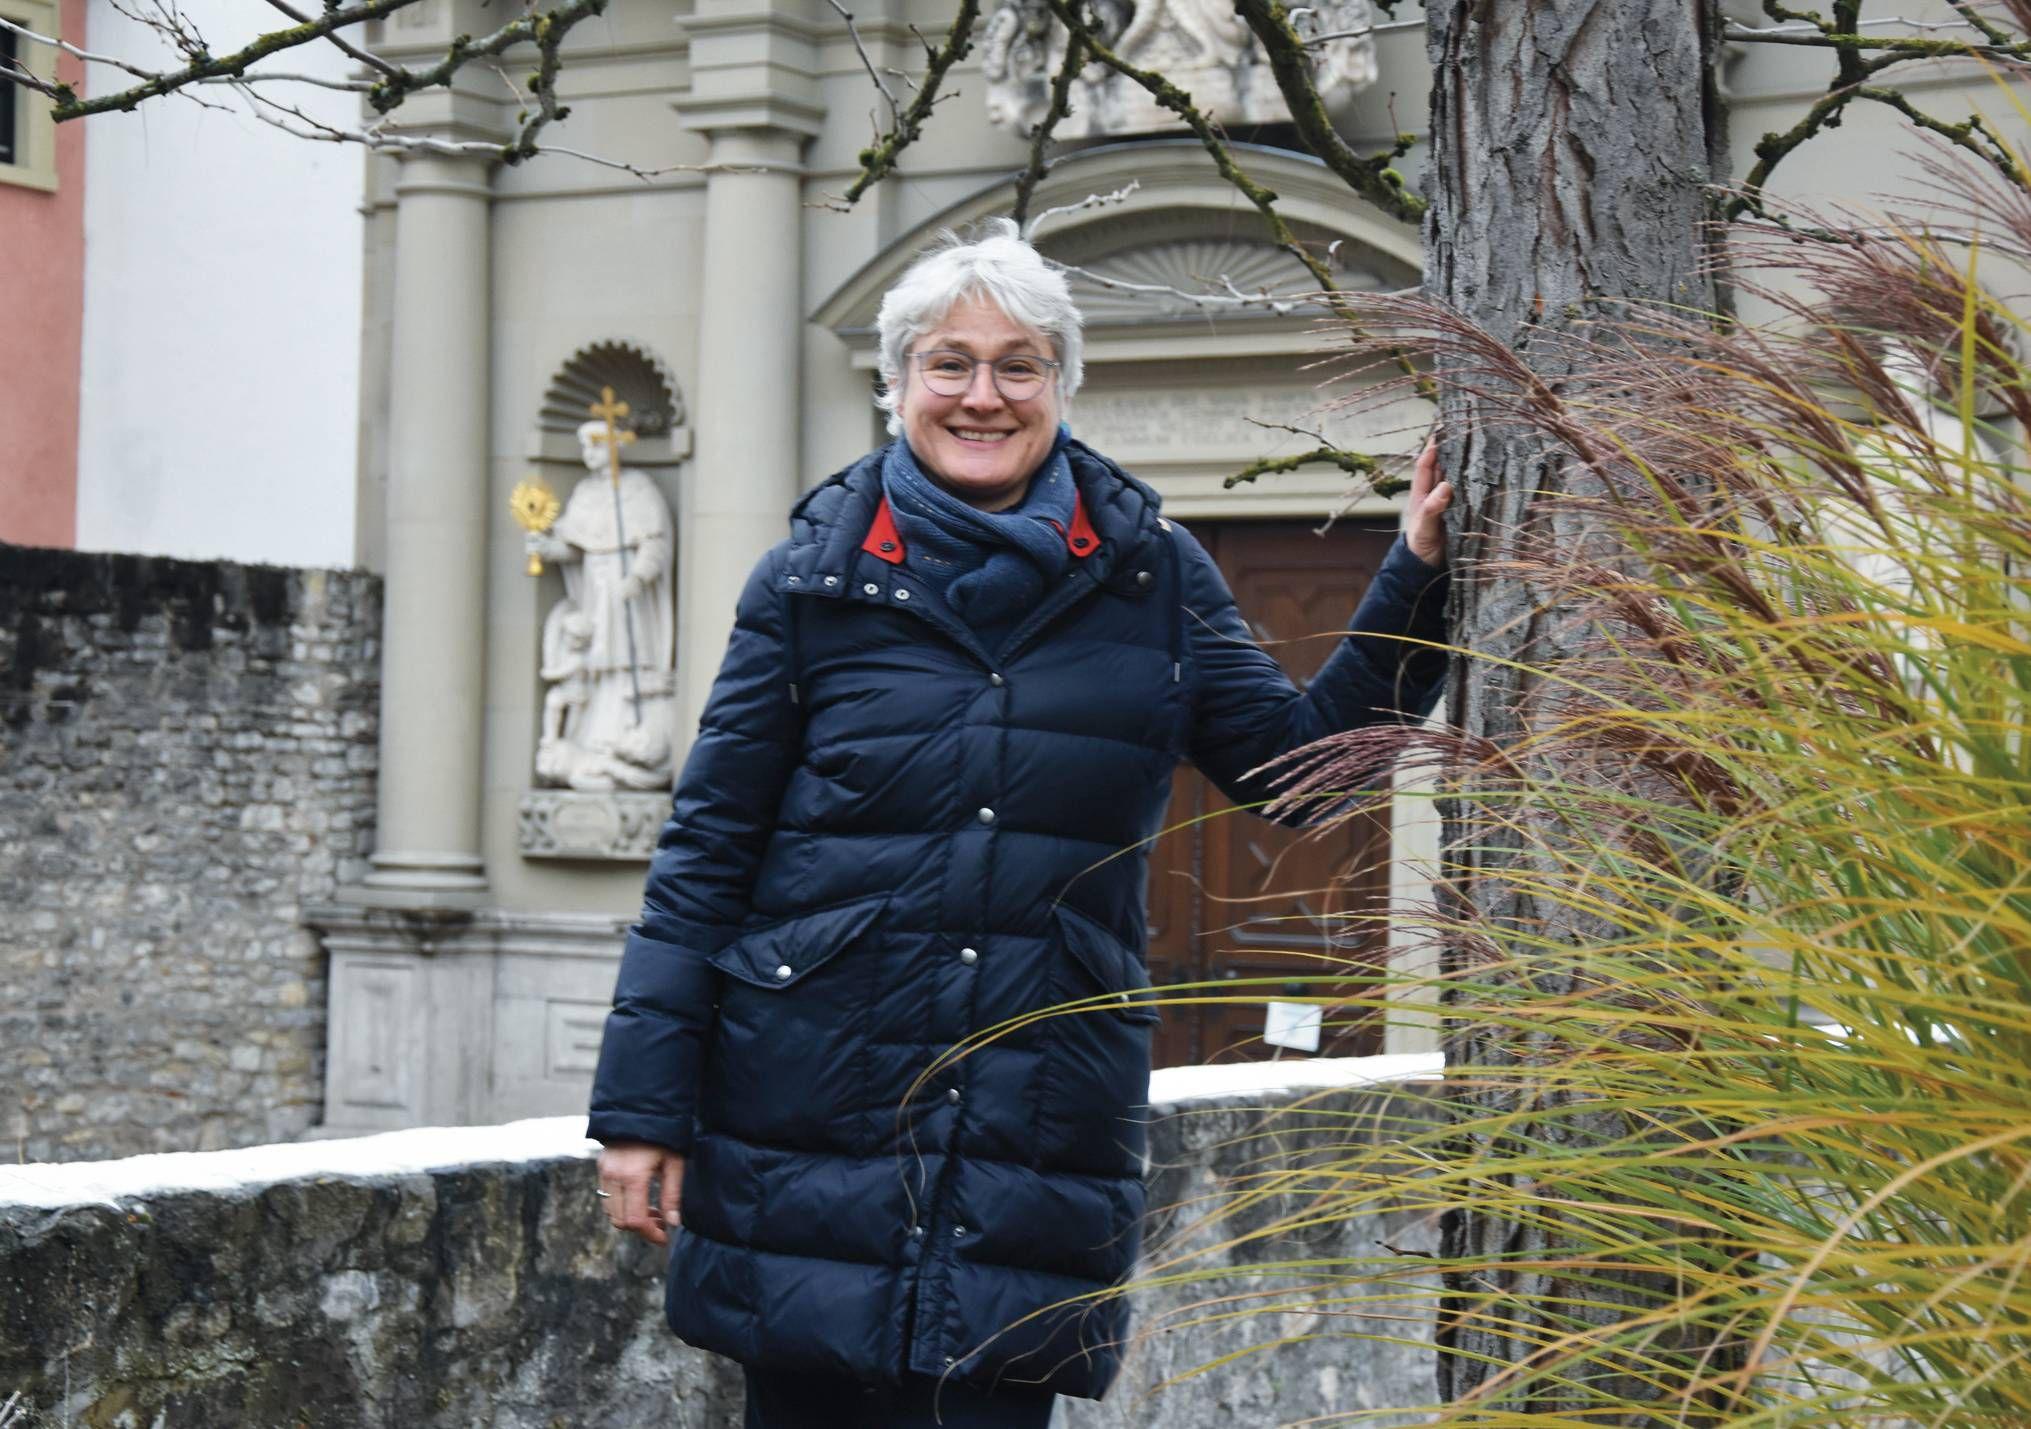 Schwester Katharina Ganz engagiert sich für eine zukunftsfähige Kirche, in der Frauen gleichberechtigt mitwirken.